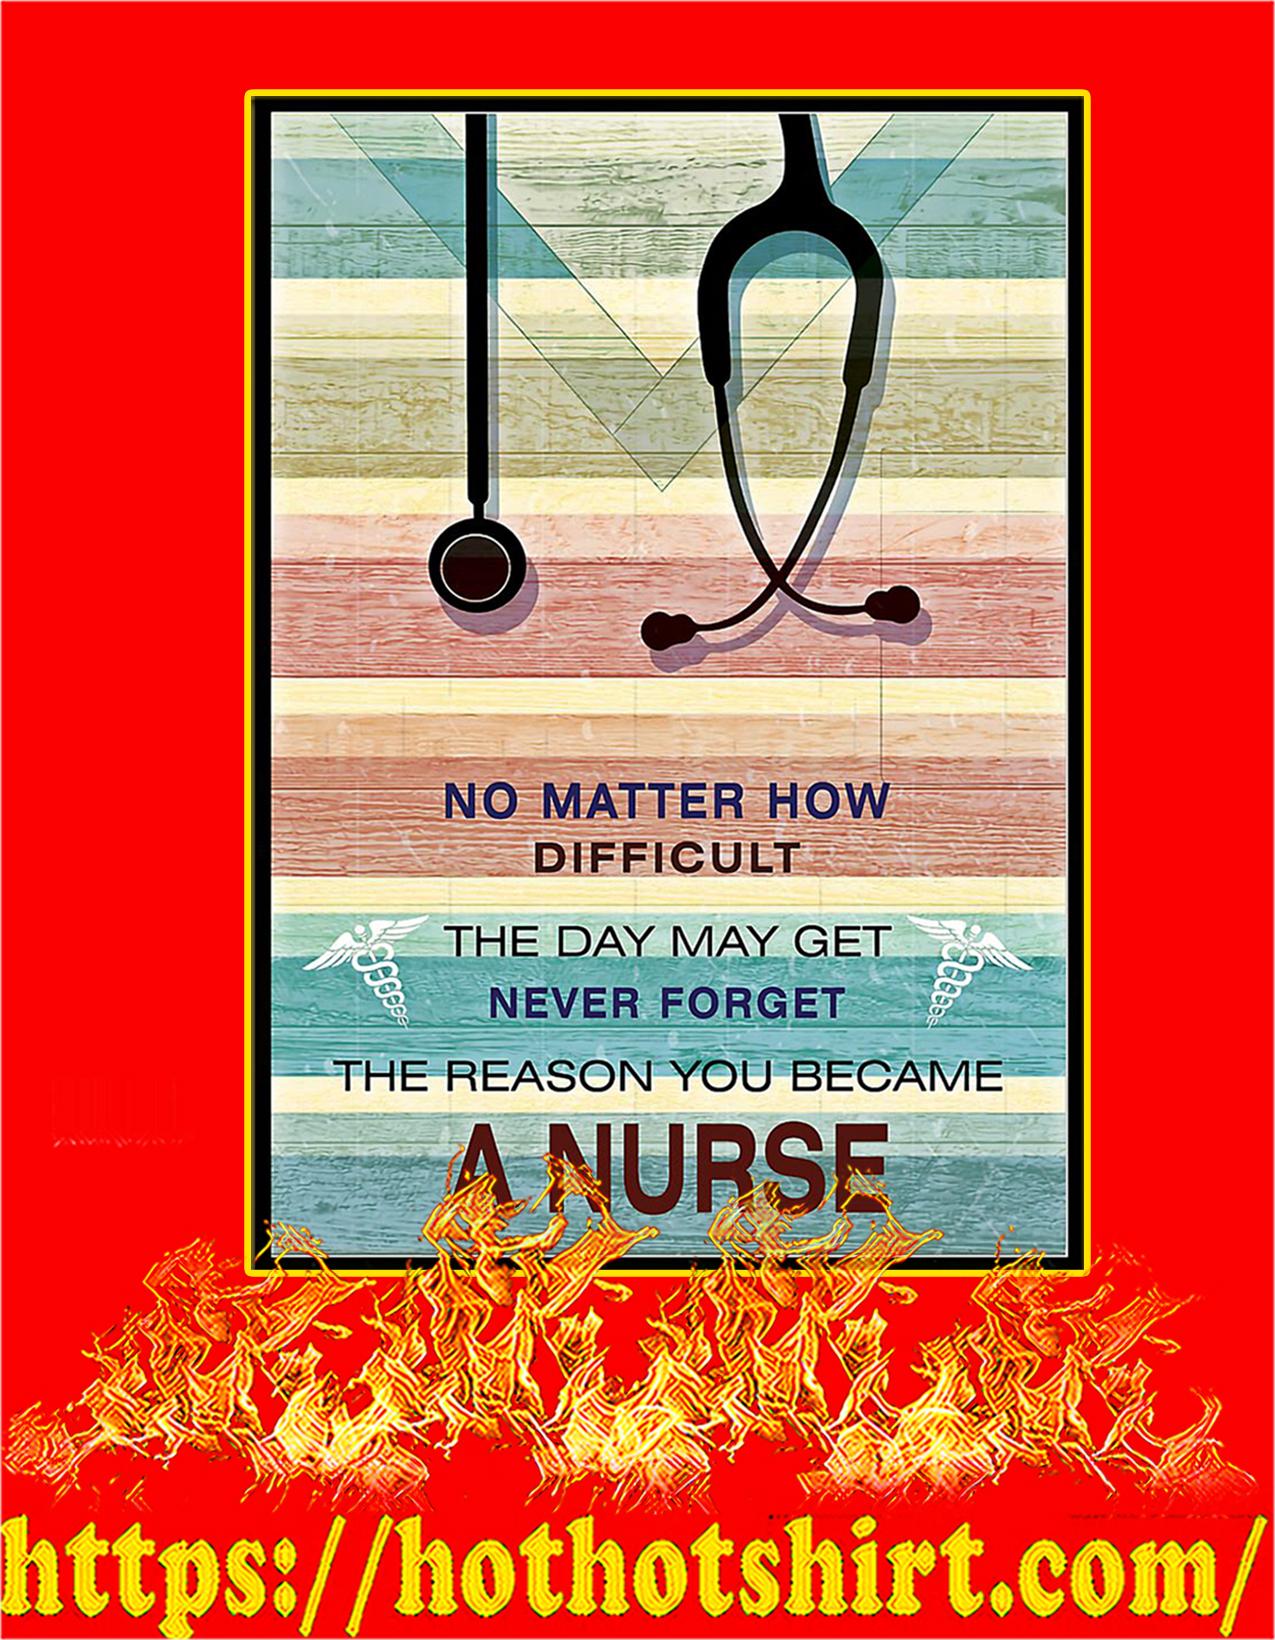 Nurse No matter how difficult poster - A2